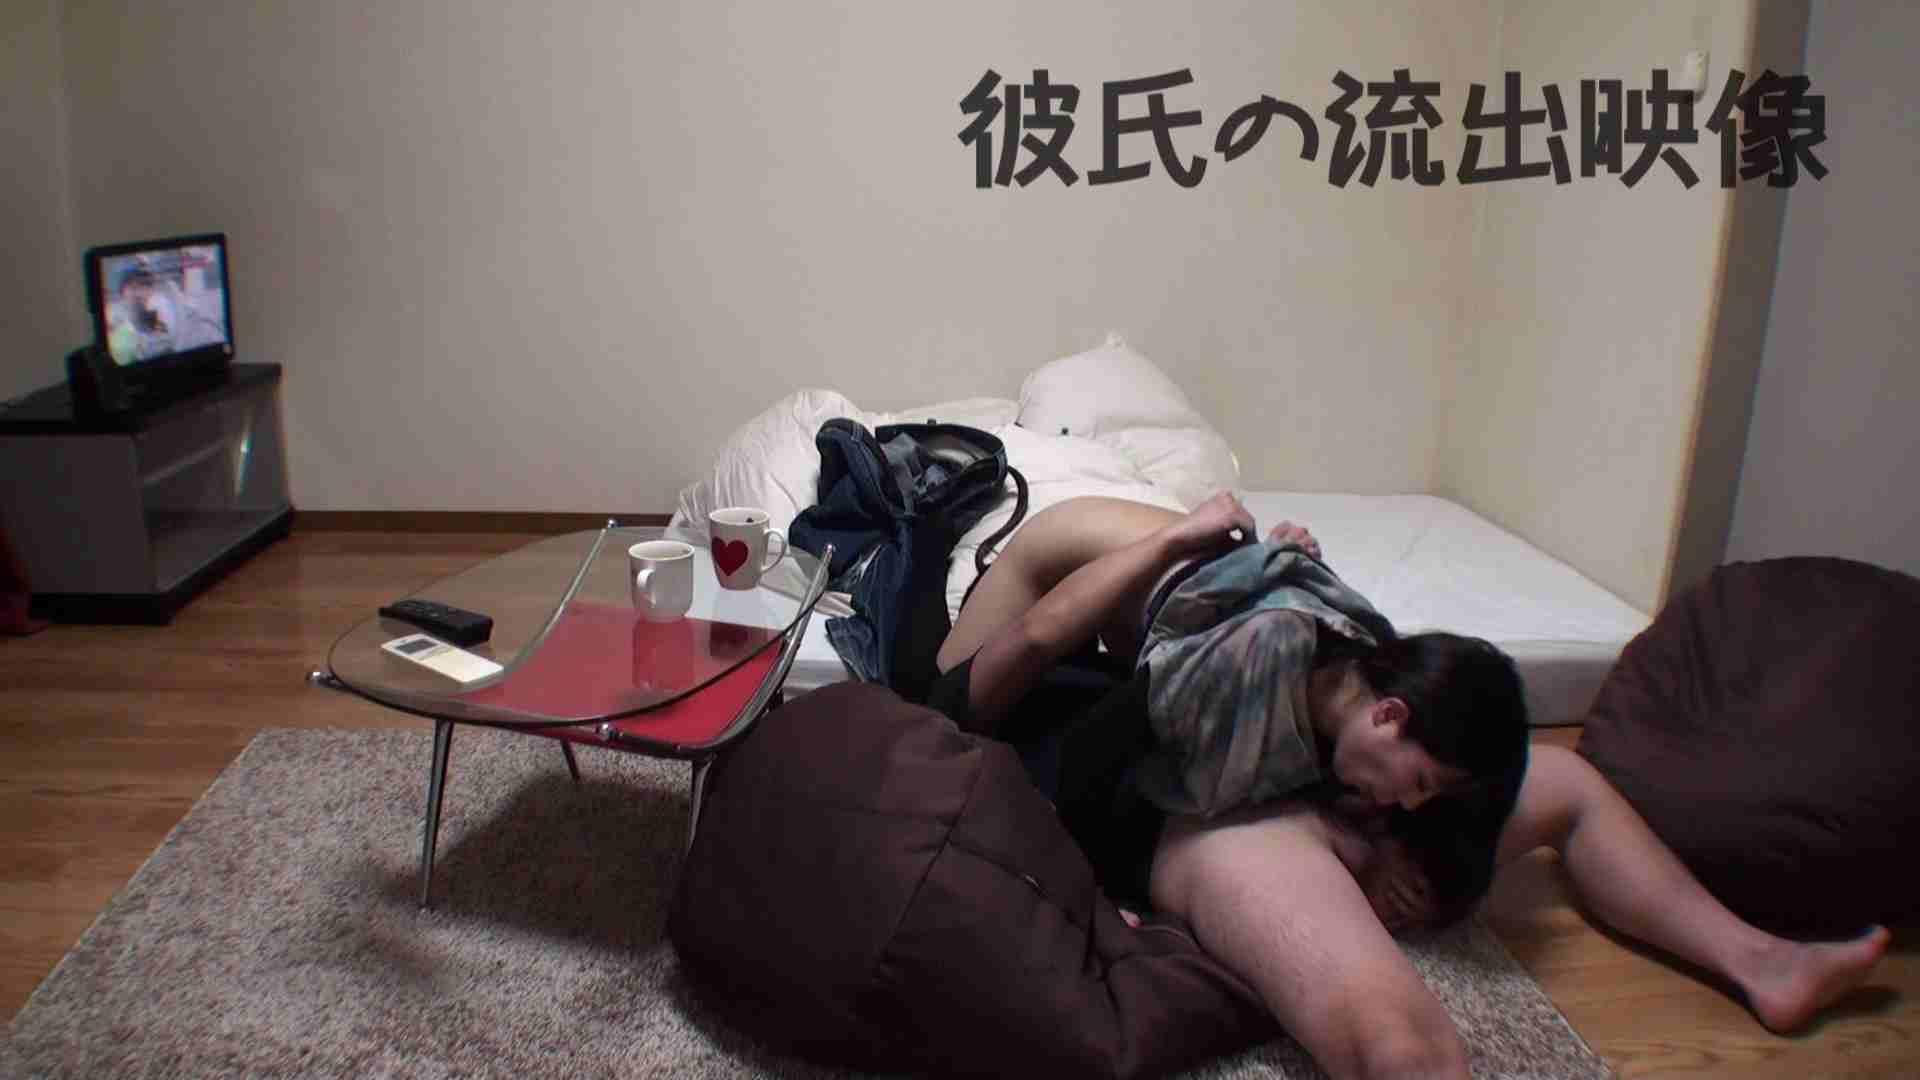 彼氏が流出 パイパン素人嬢のハメ撮り映像02 中出し ヌード画像 90連発 53